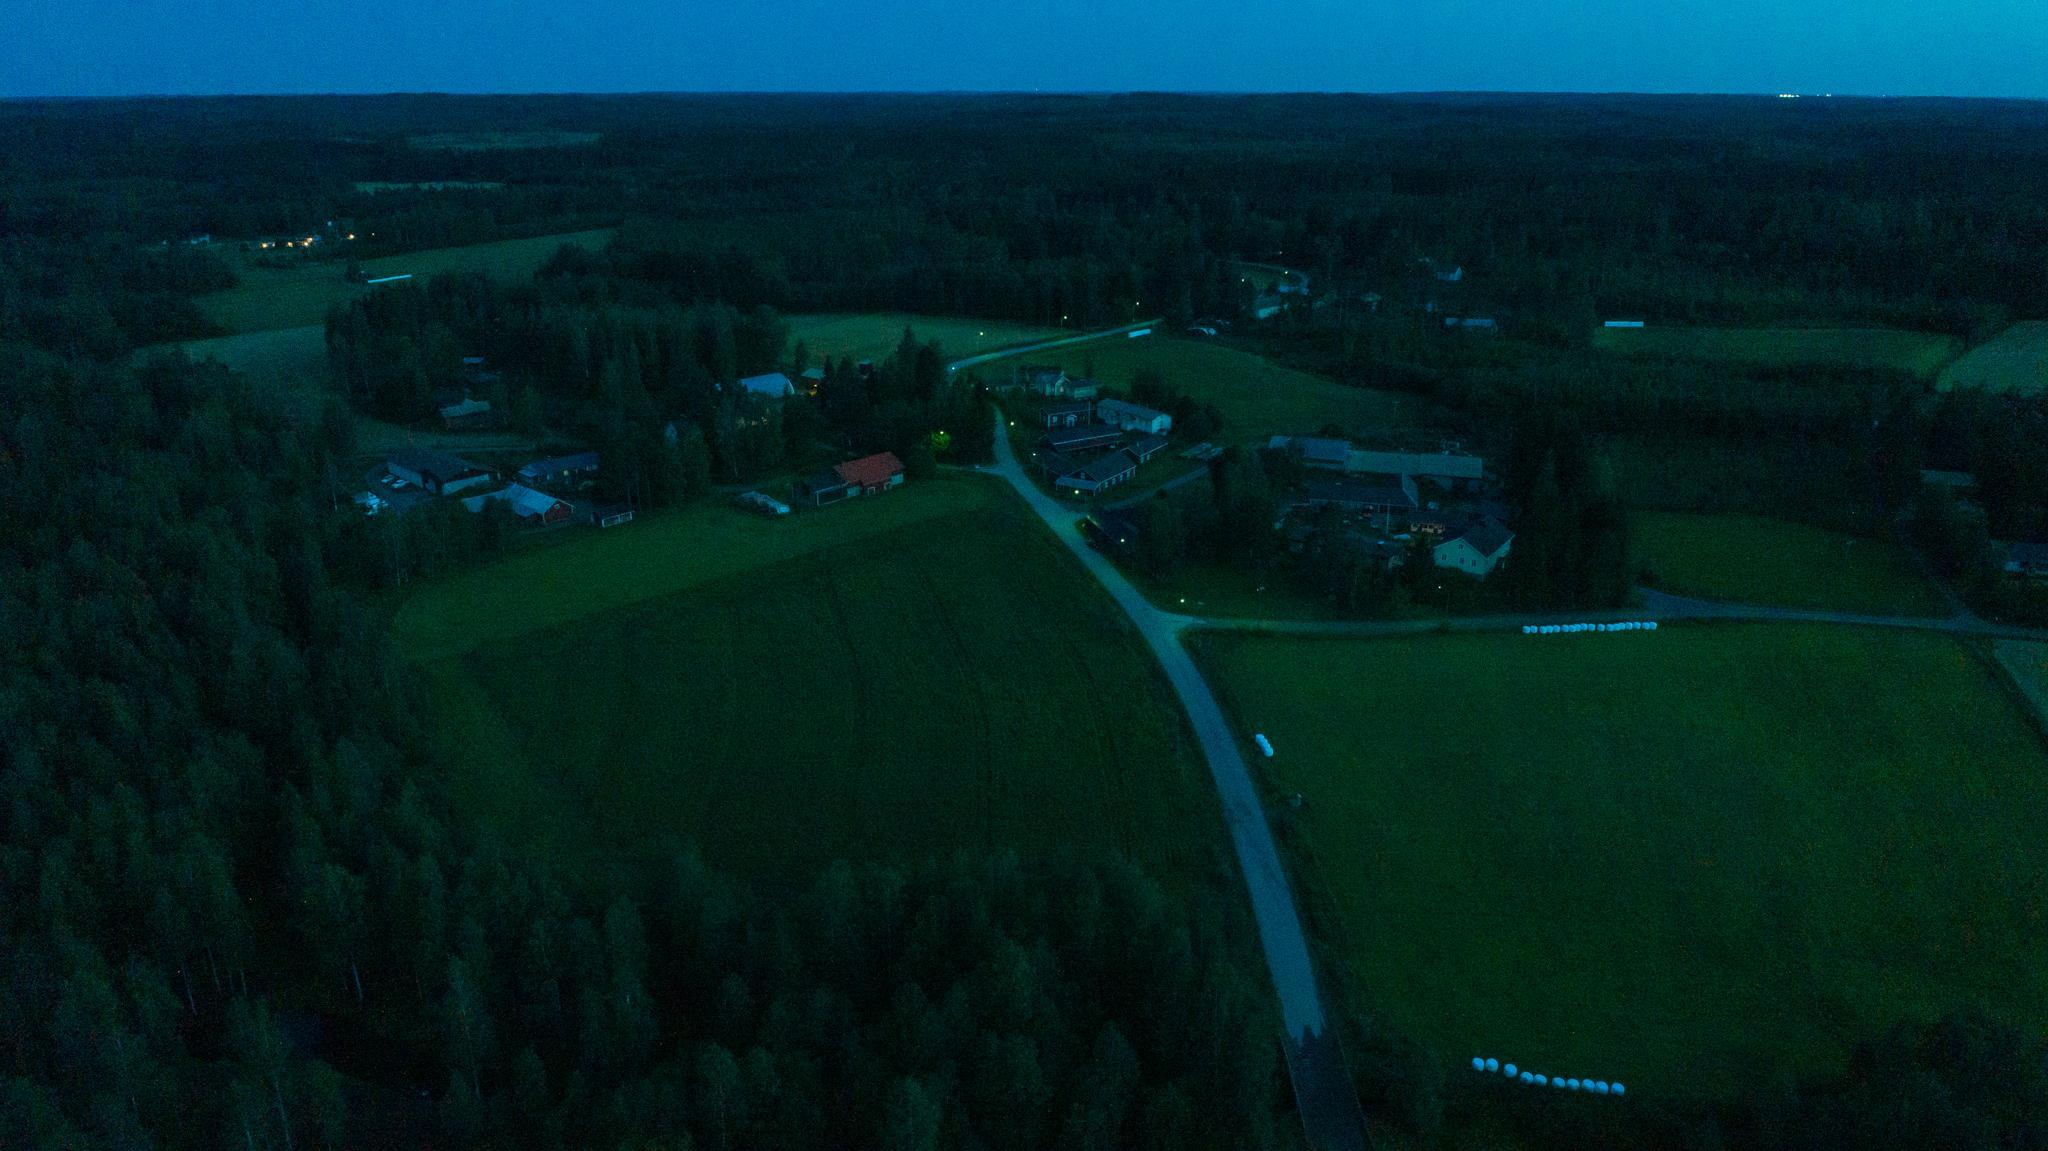 Valokuvaaja Timo Ahola - Drone-ilmakuvaus - Teuronkylä - Hämeenlinna Tuulos Teuro (c) Valokuvaaja Timo Ahola